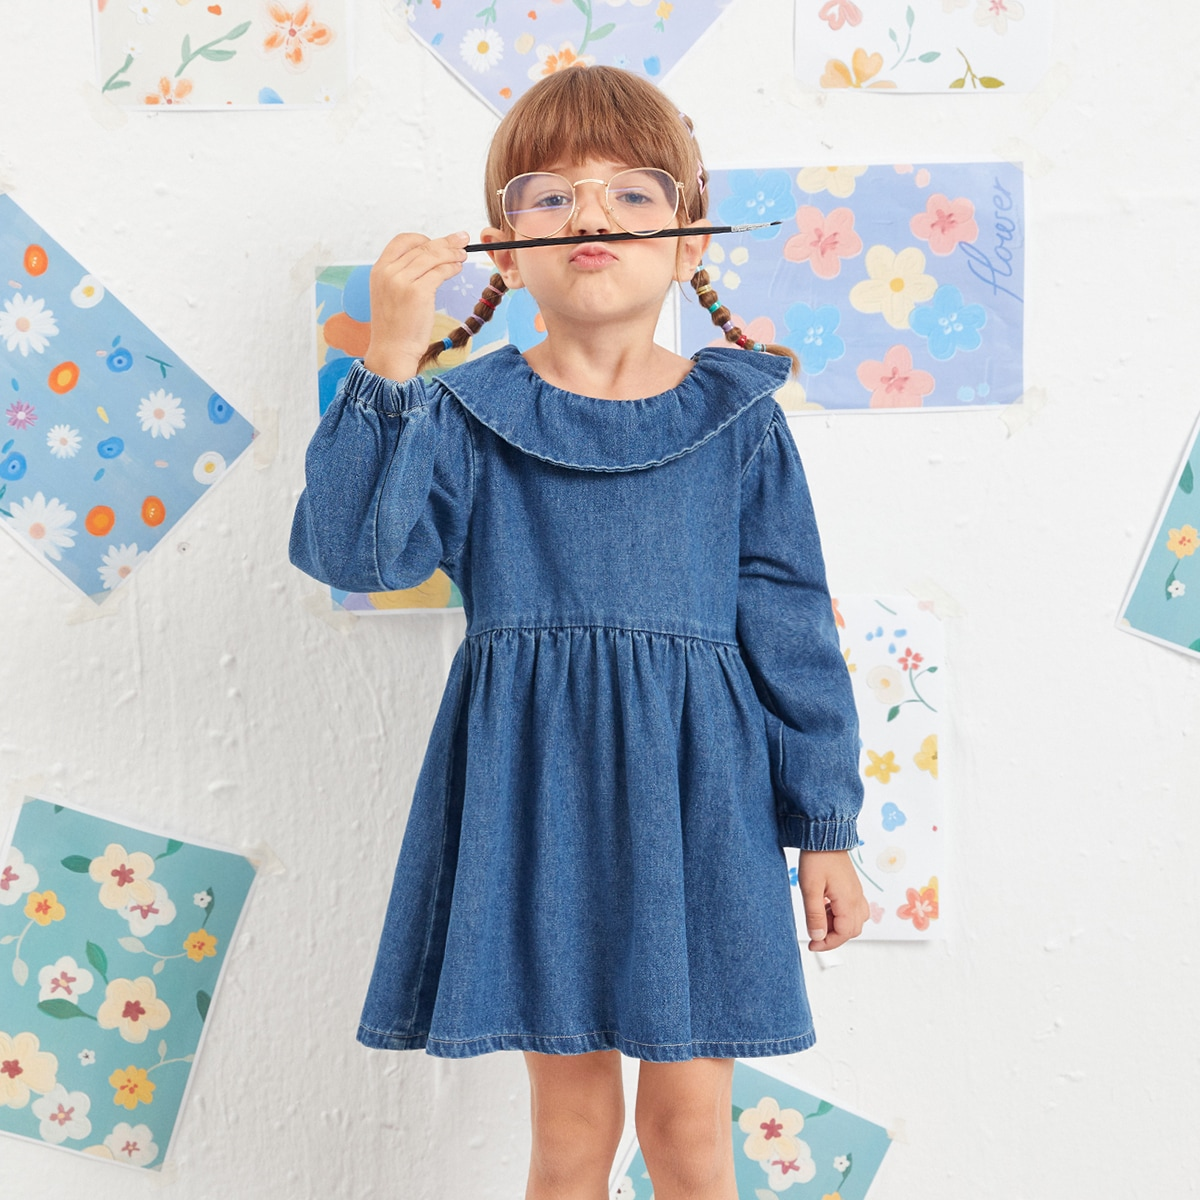 для девочек Платье пуговица сзади джинсовый SheIn skdress25210602242